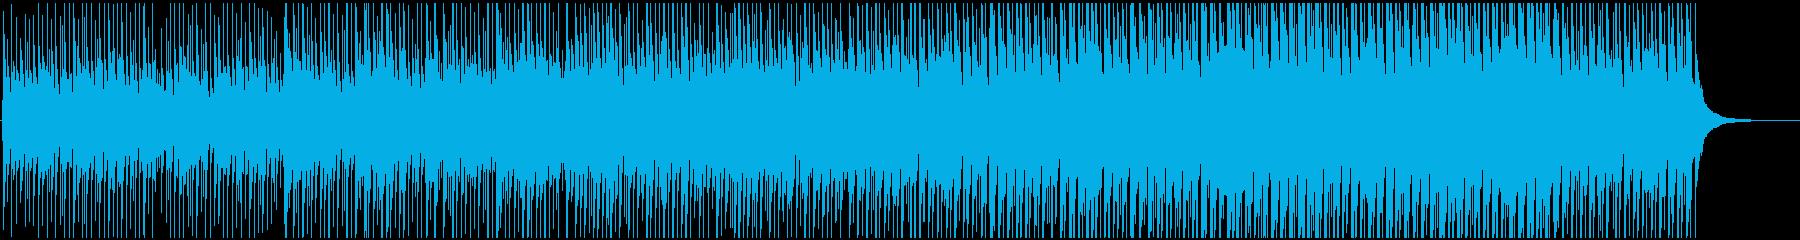 かわいいマーチ風ポップYouTube系の再生済みの波形